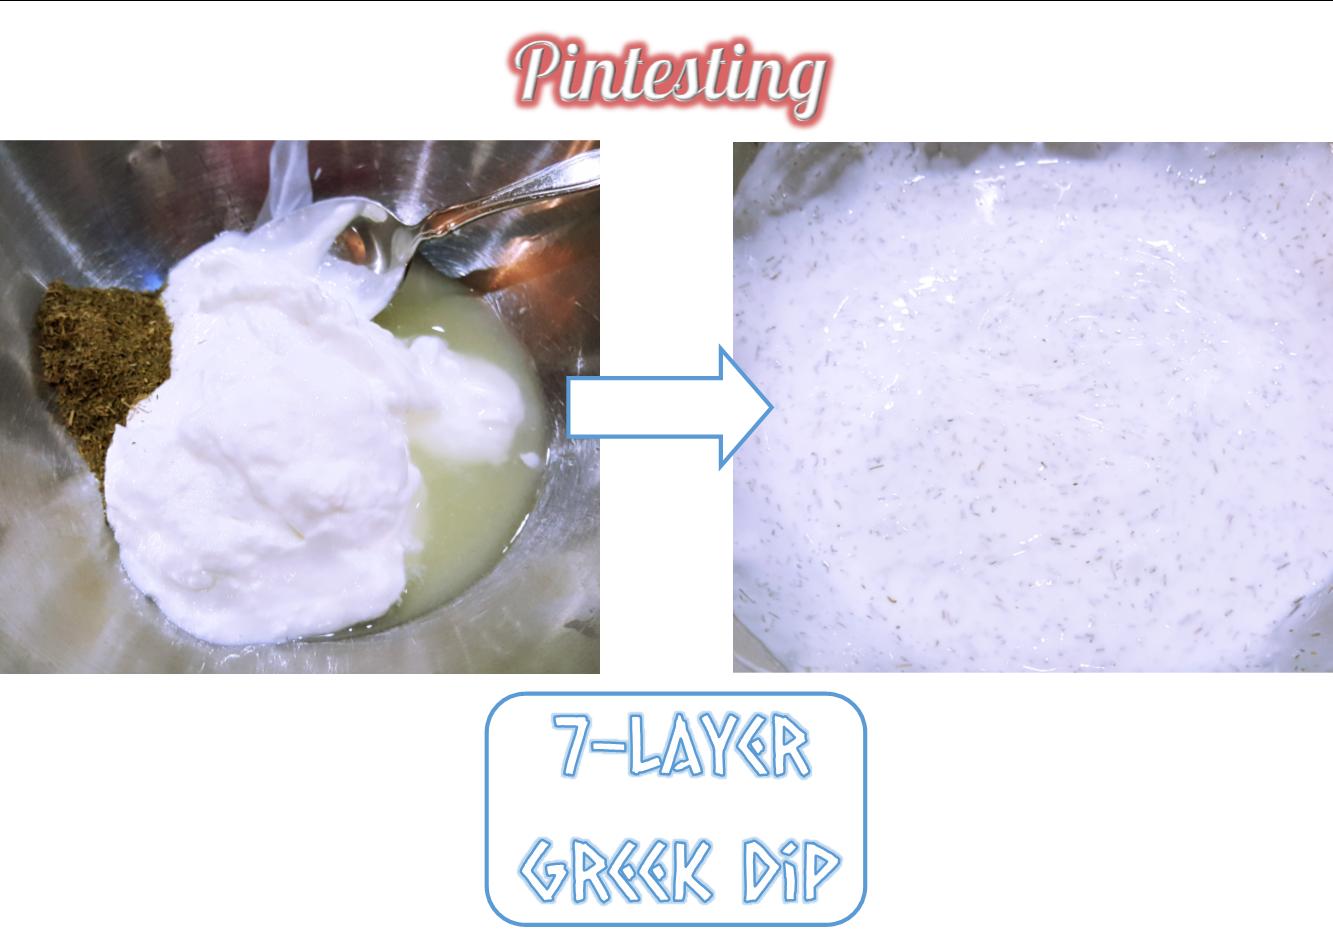 Pintesting 7-Layer Greek Dip